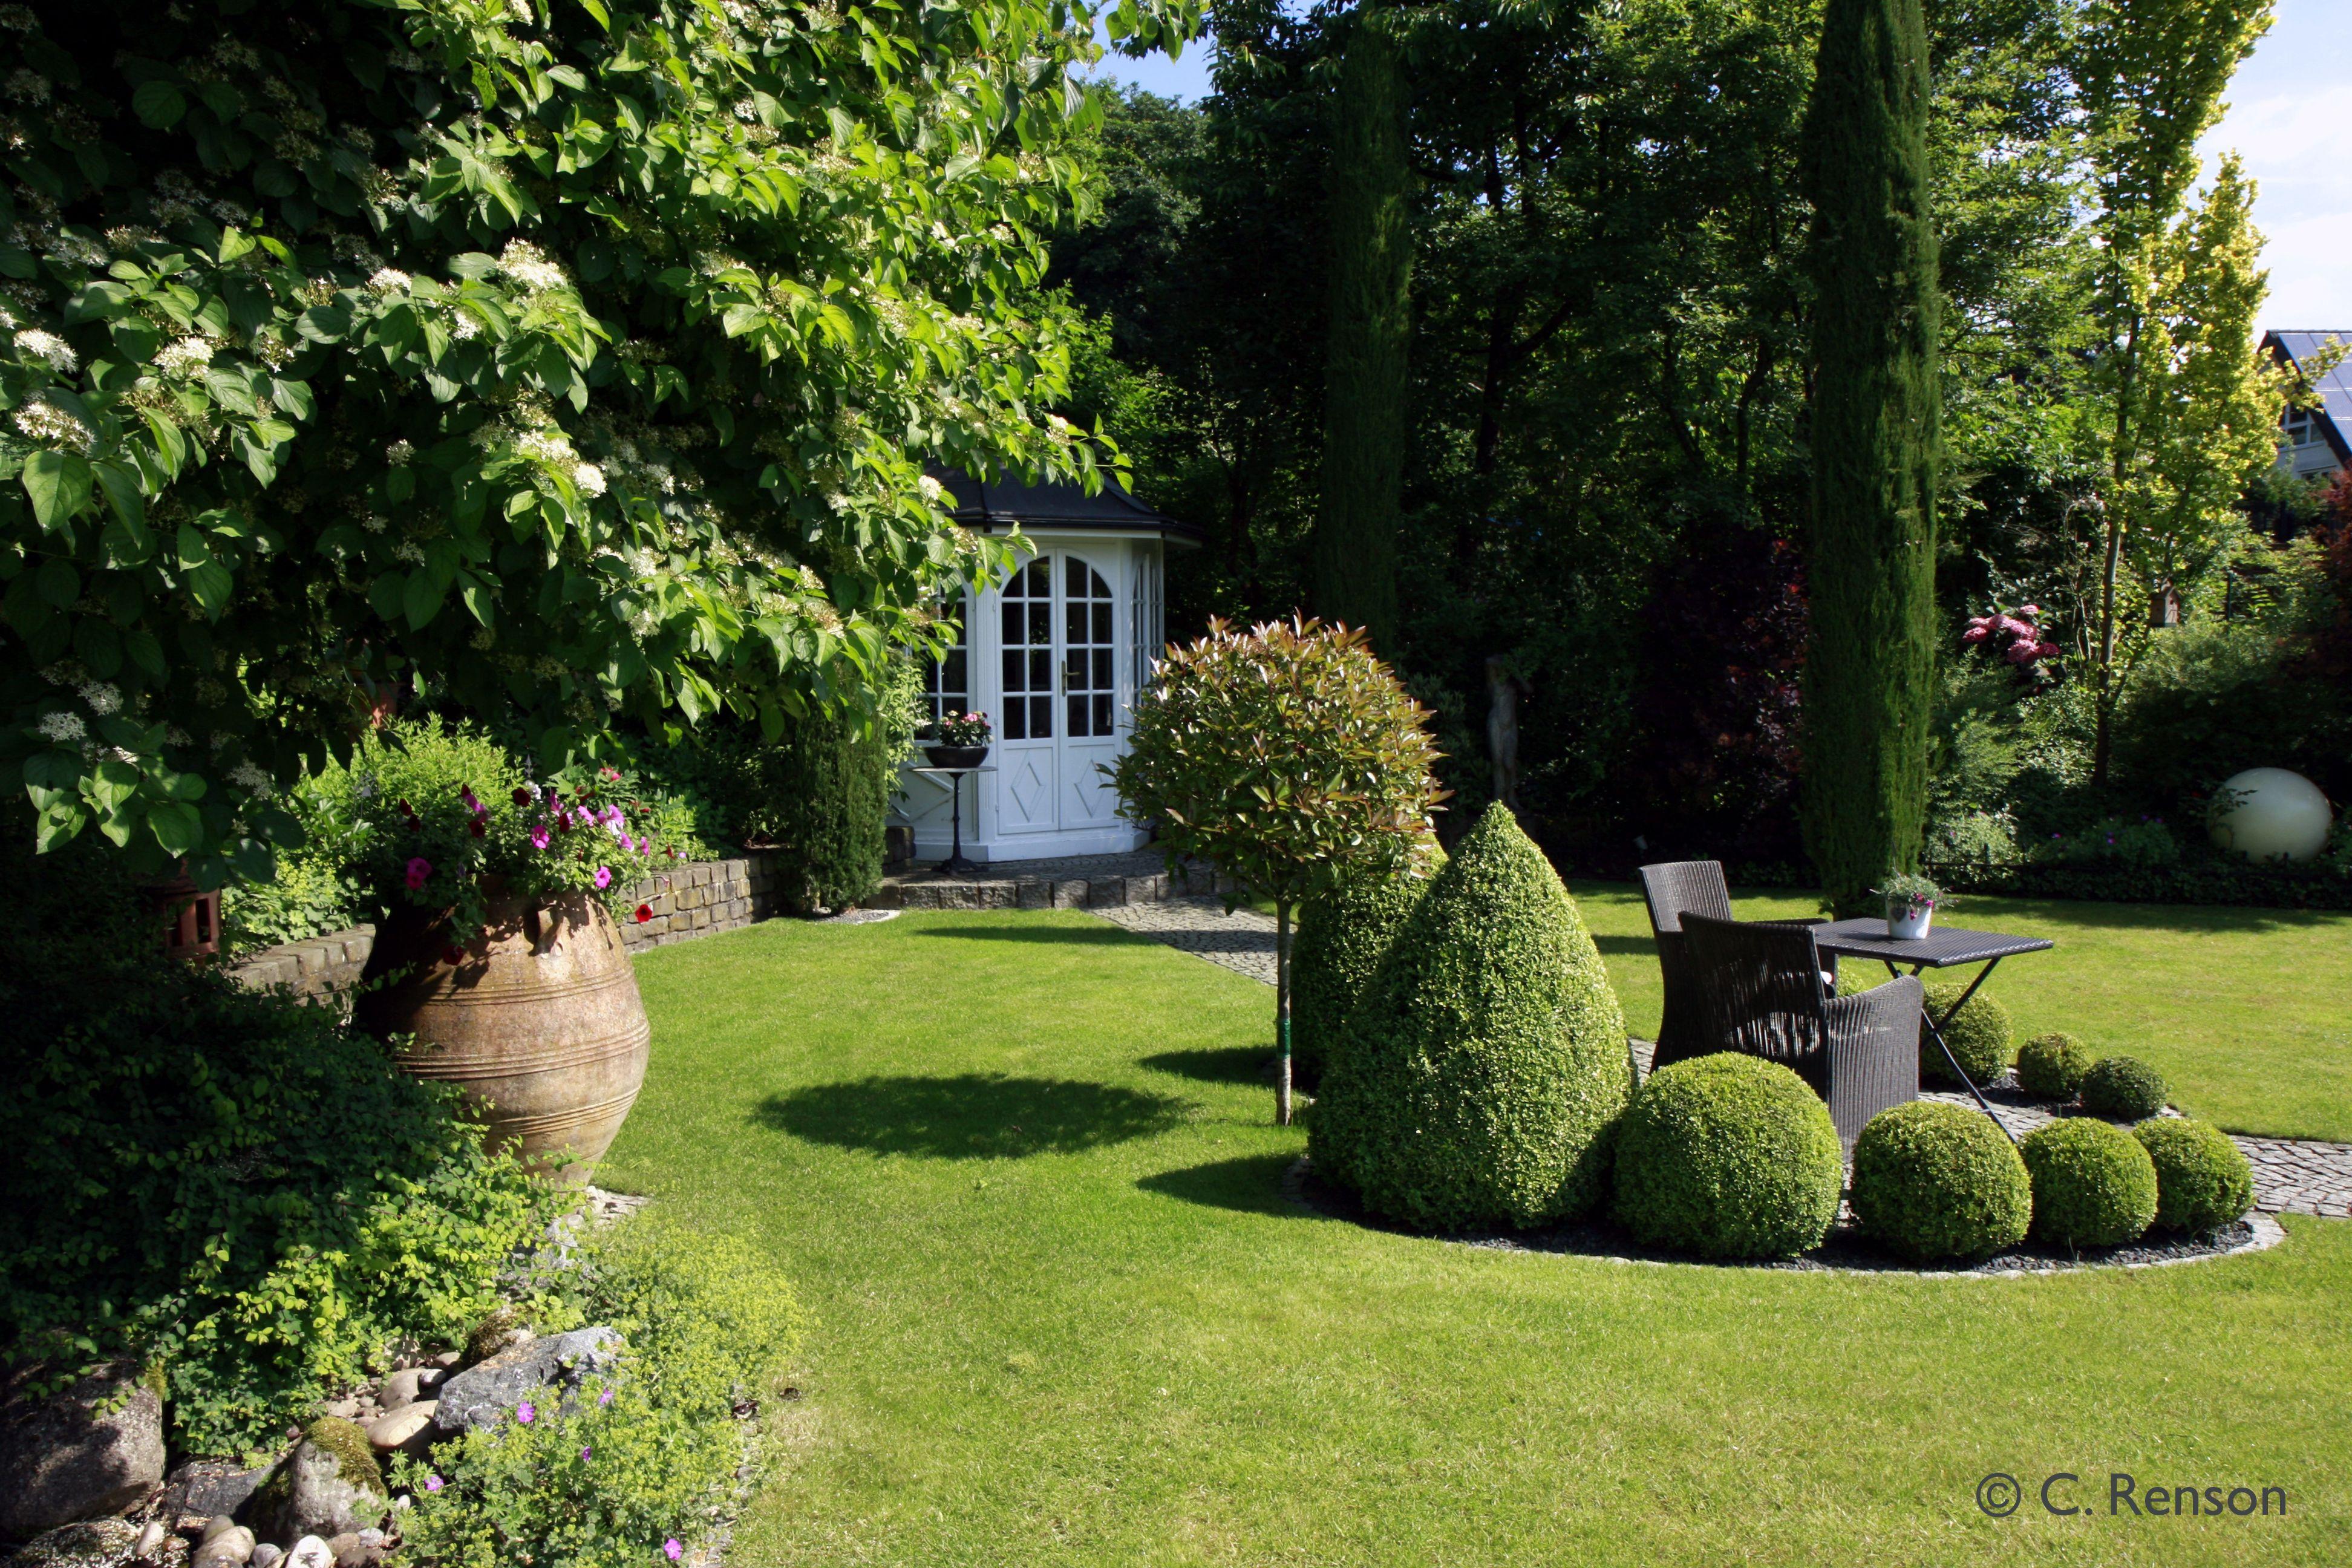 Formspiel in Grün - Kugeln, Kegel, Säulen aus Buchsbaum und Zypresse ...